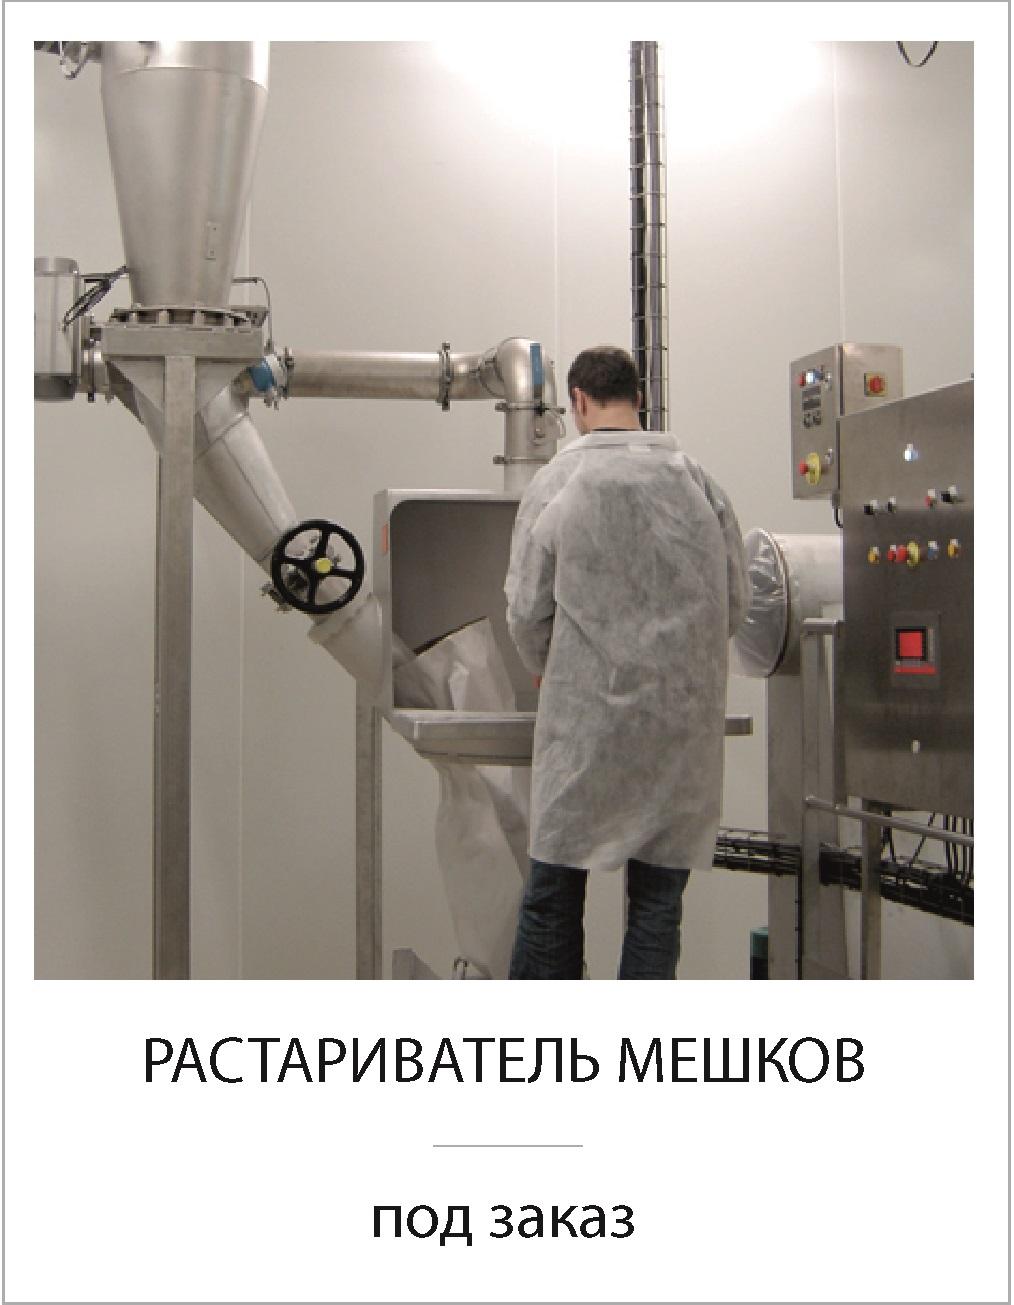 RASTARIVATEL_MEShKOV_pod_zakaz.jpg